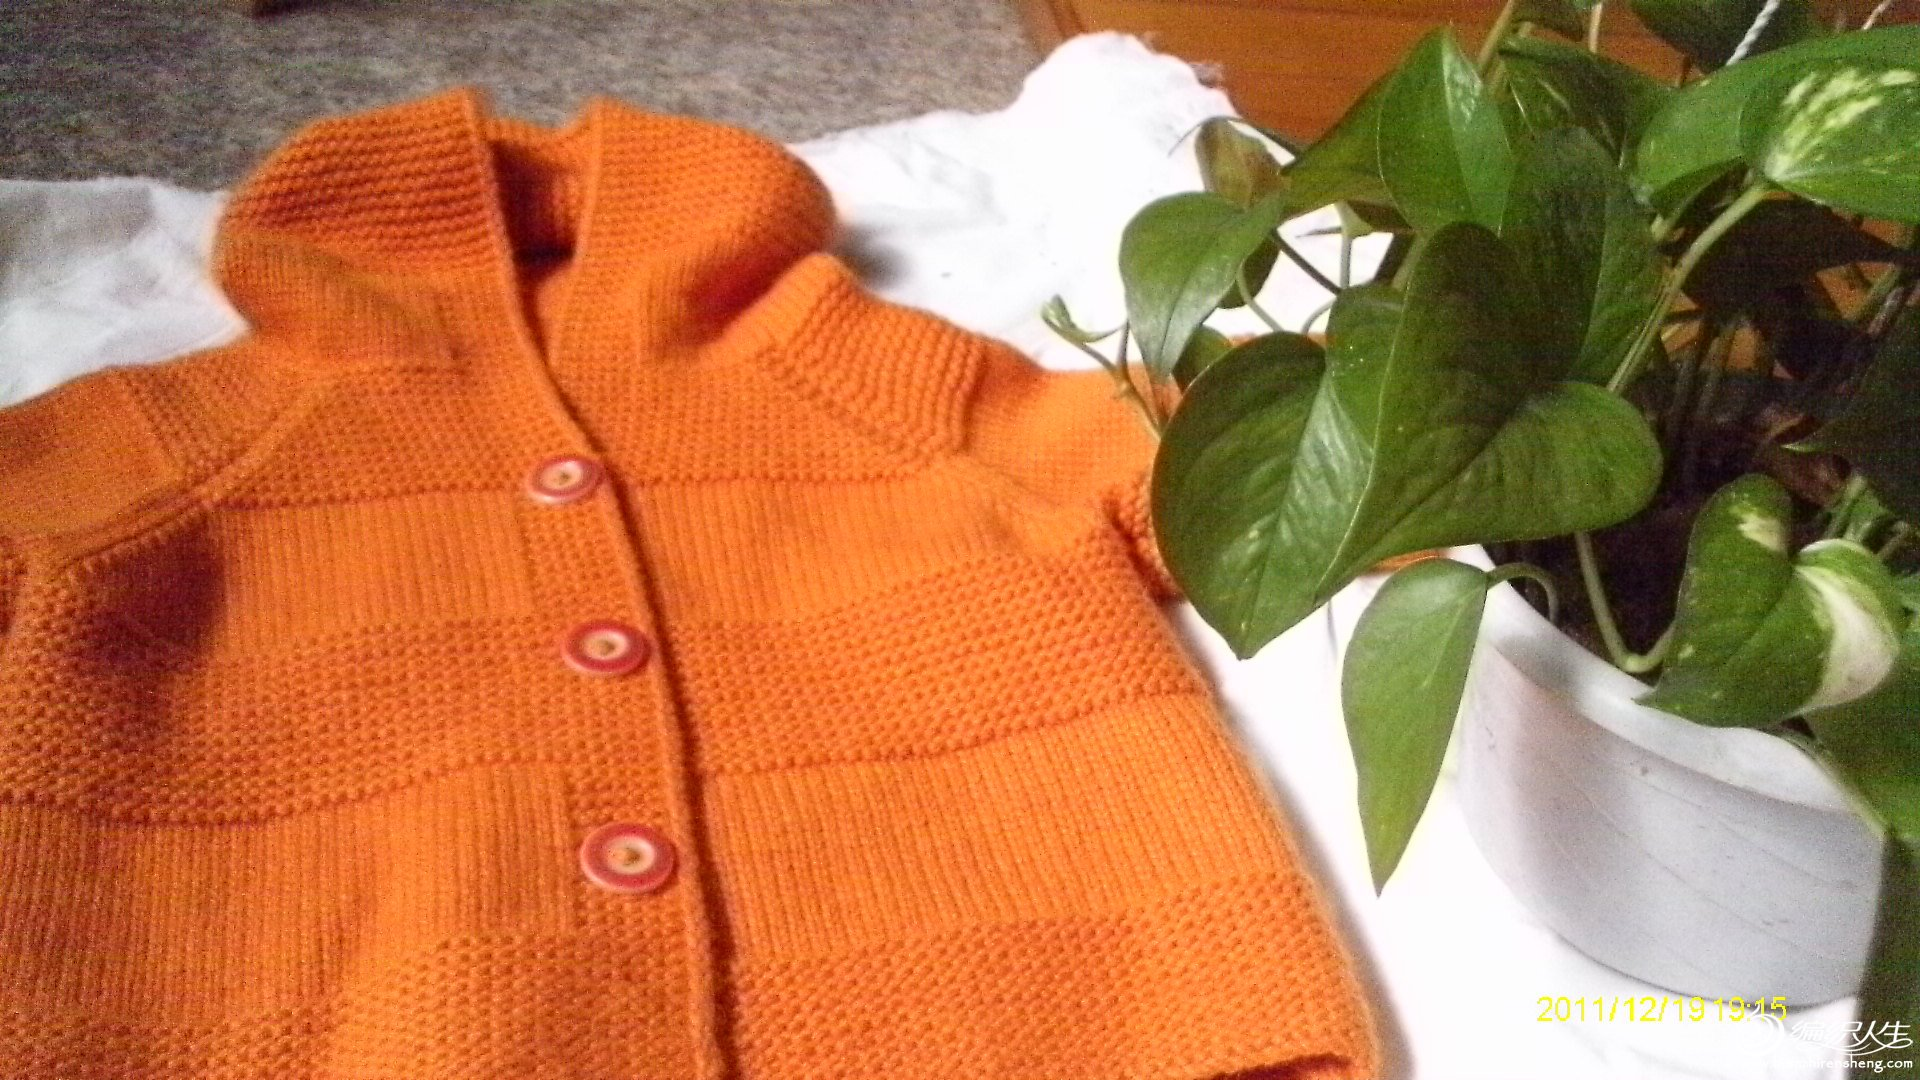 橘色连帽衣